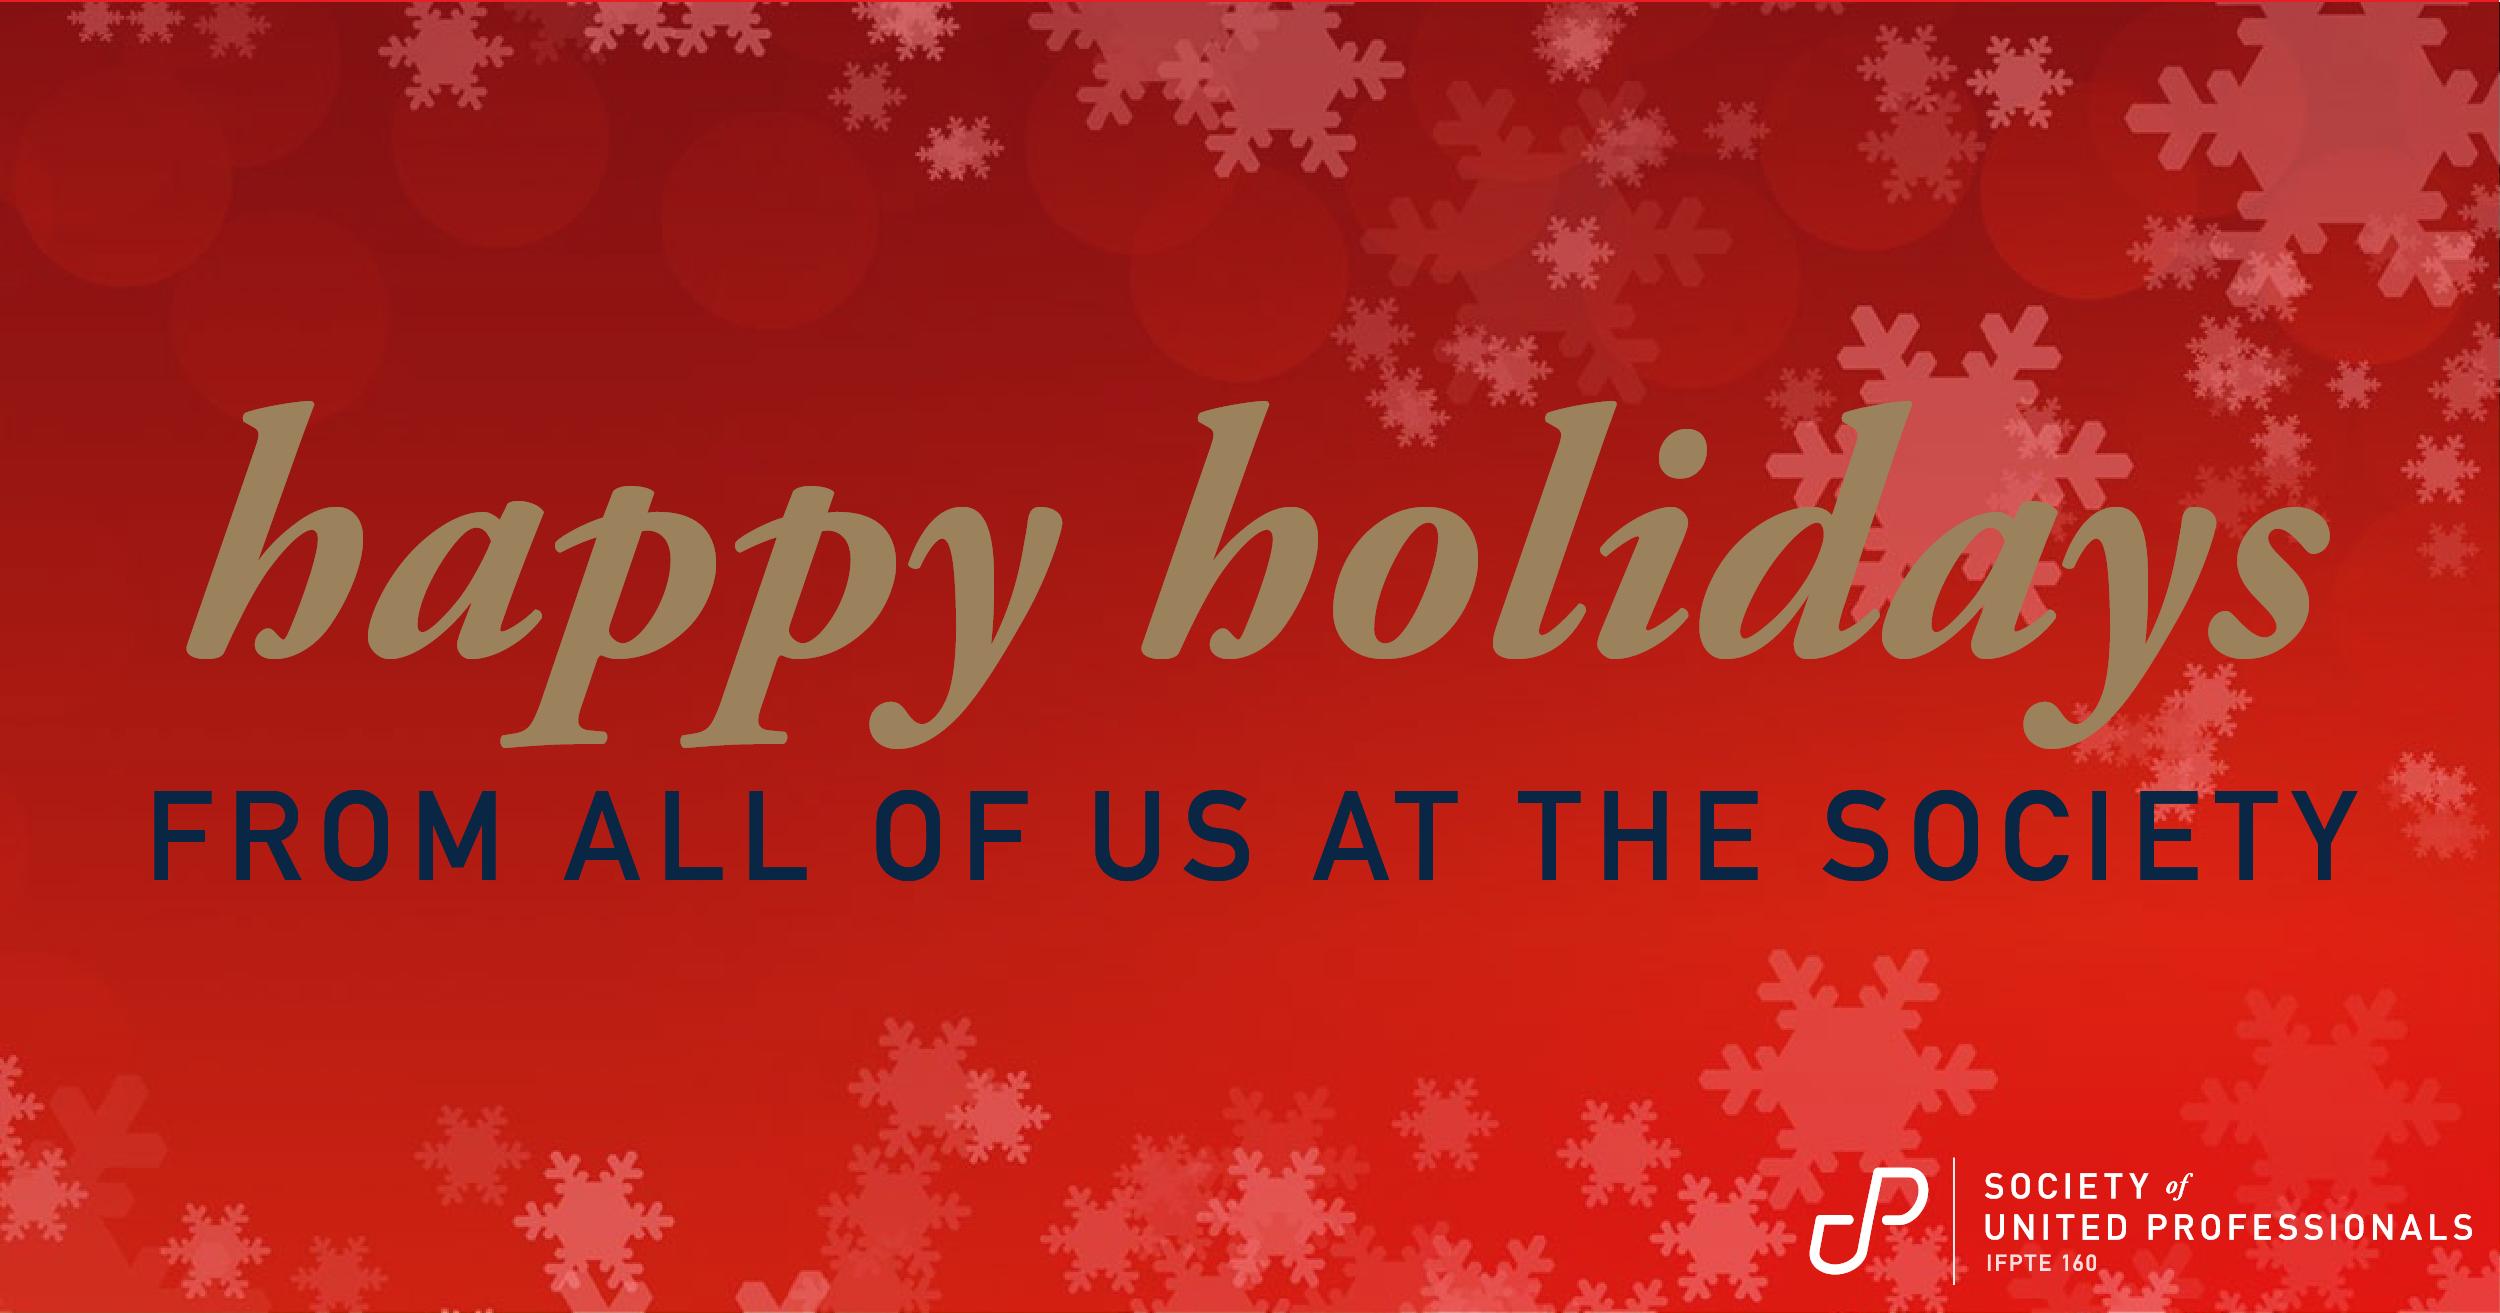 Happy Holidays from the Society